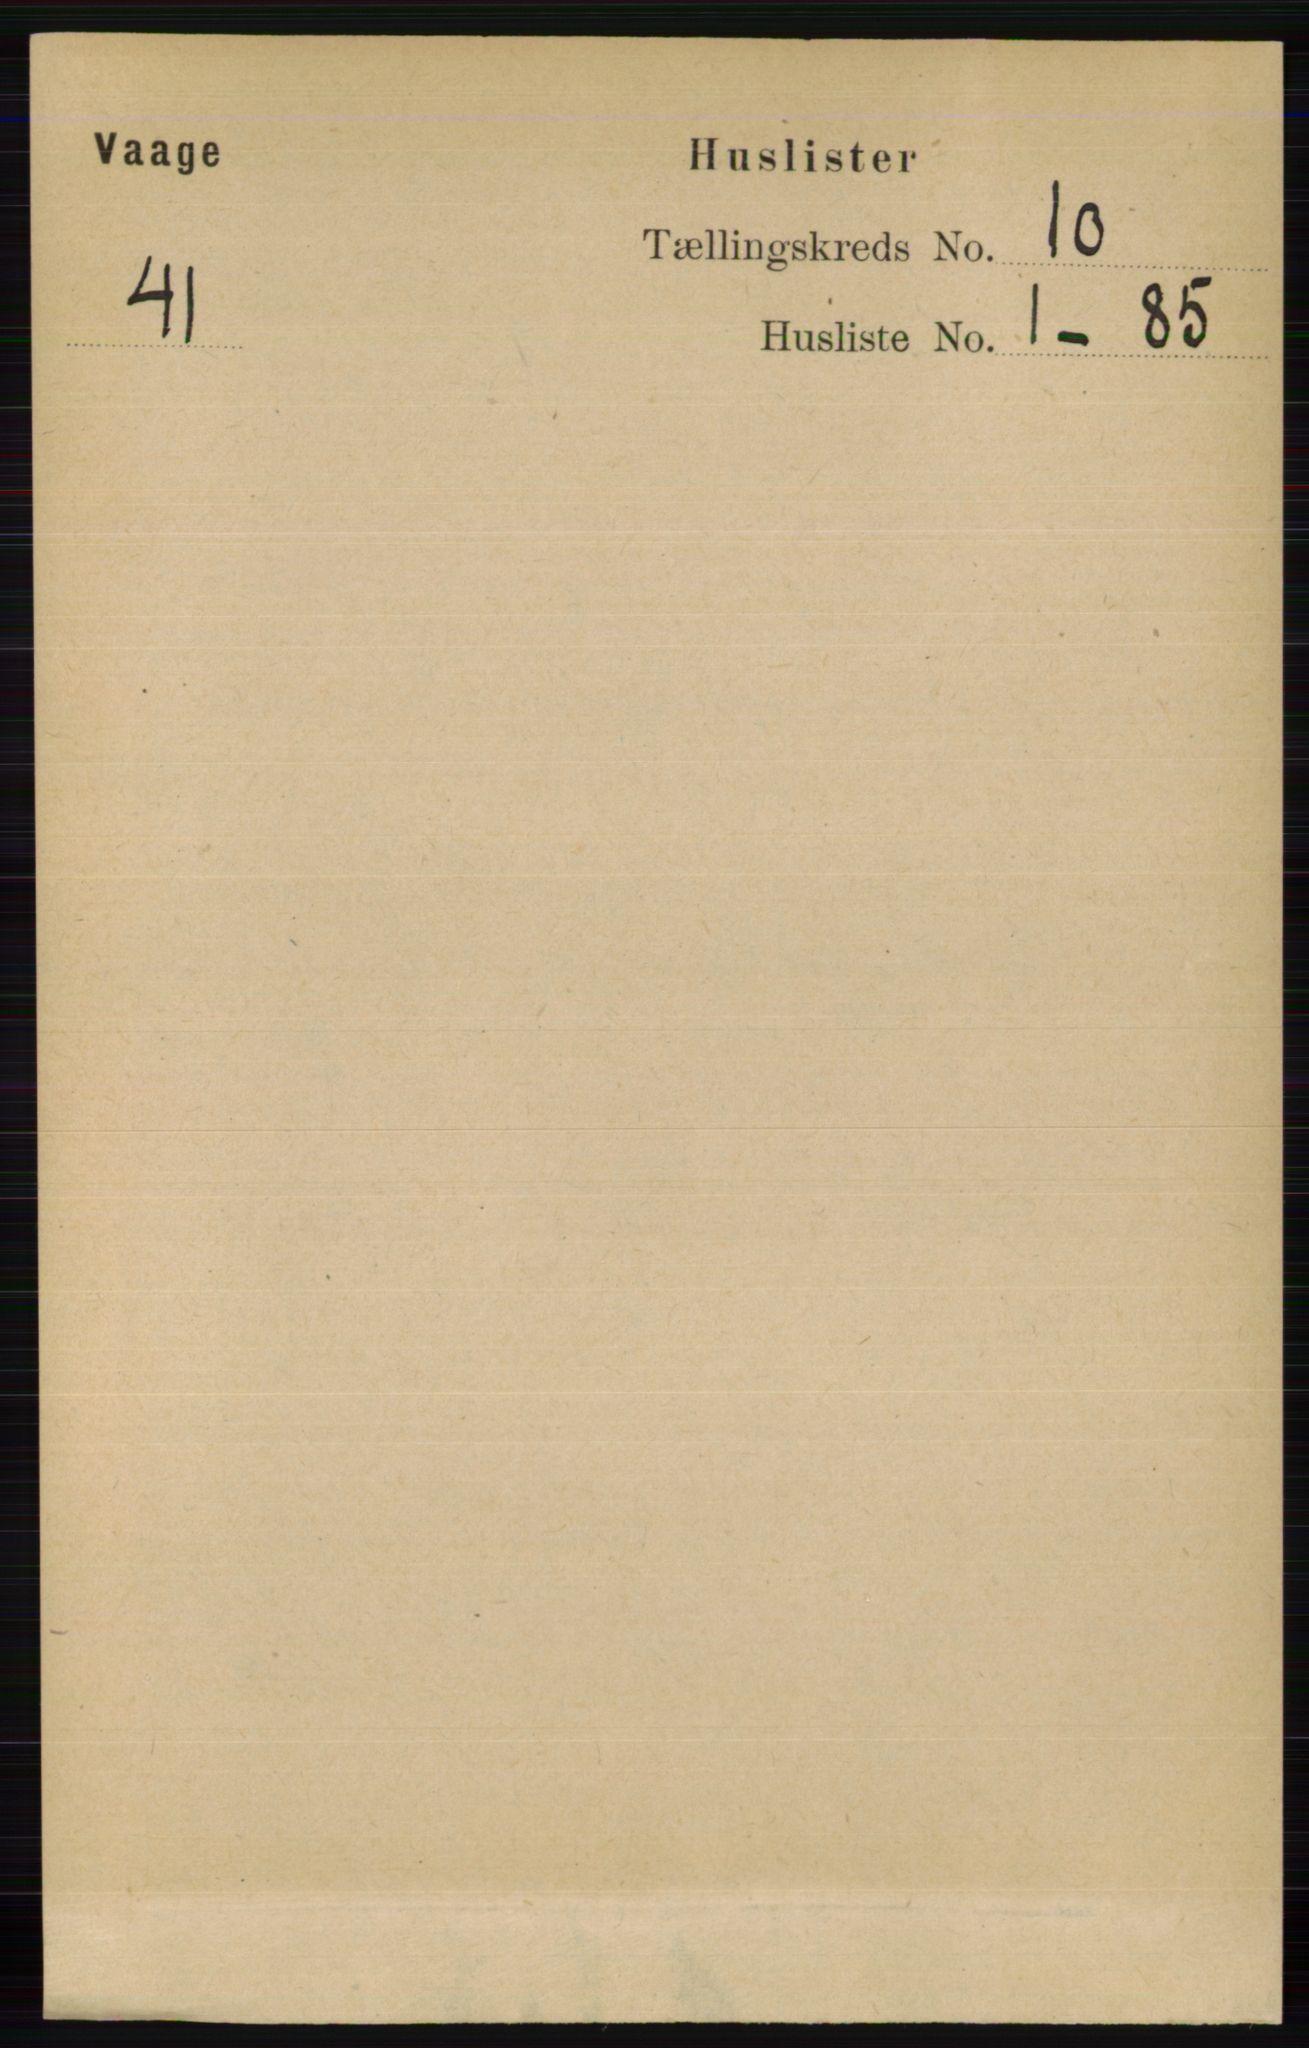 RA, Folketelling 1891 for 0515 Vågå herred, 1891, s. 6123